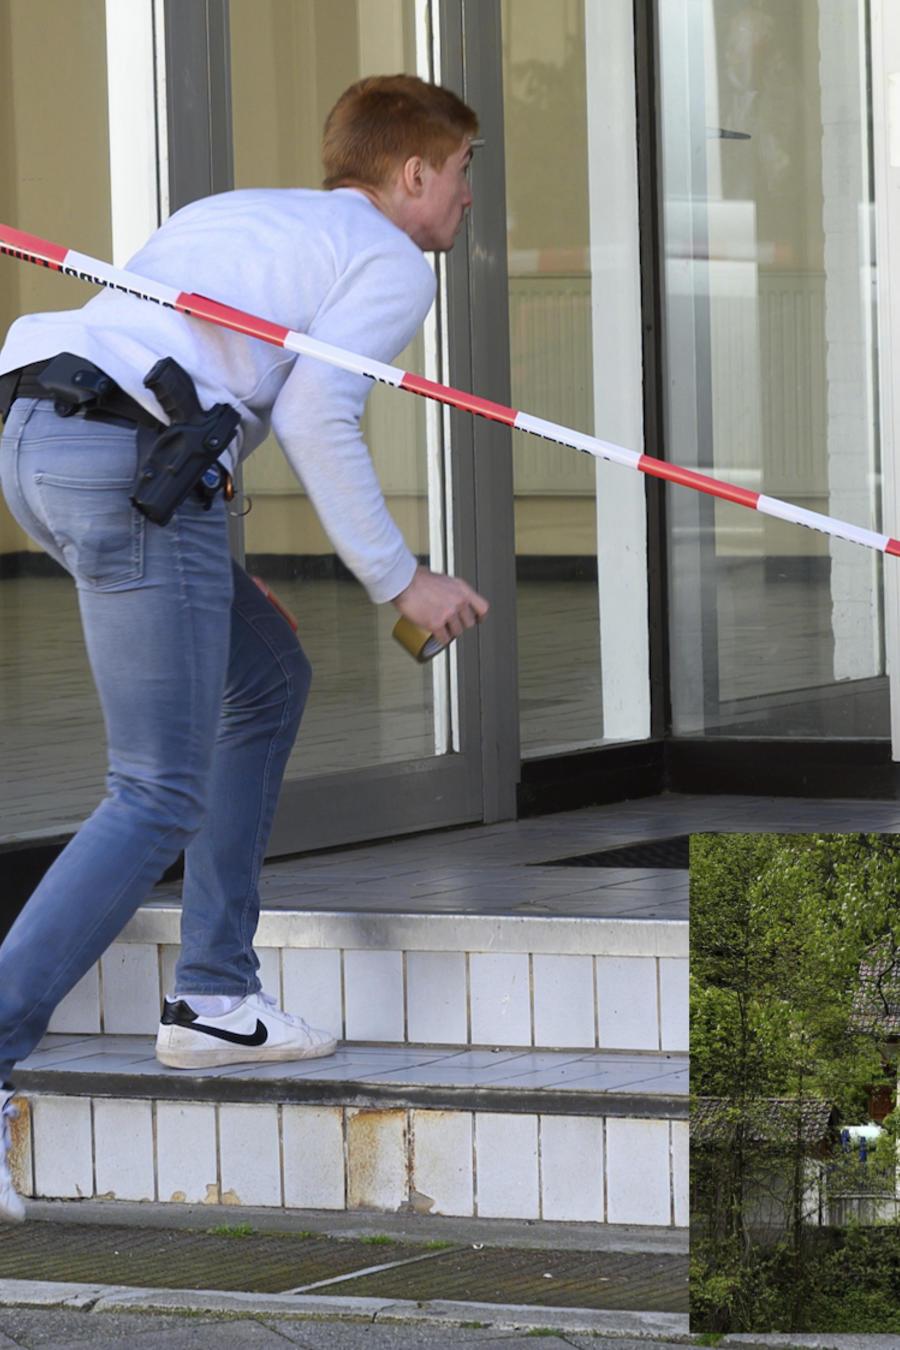 Un investigador entra este lunes en el edificio en el que fueron halladas las dos mujeres muertas en Wittlingen (Alemania).